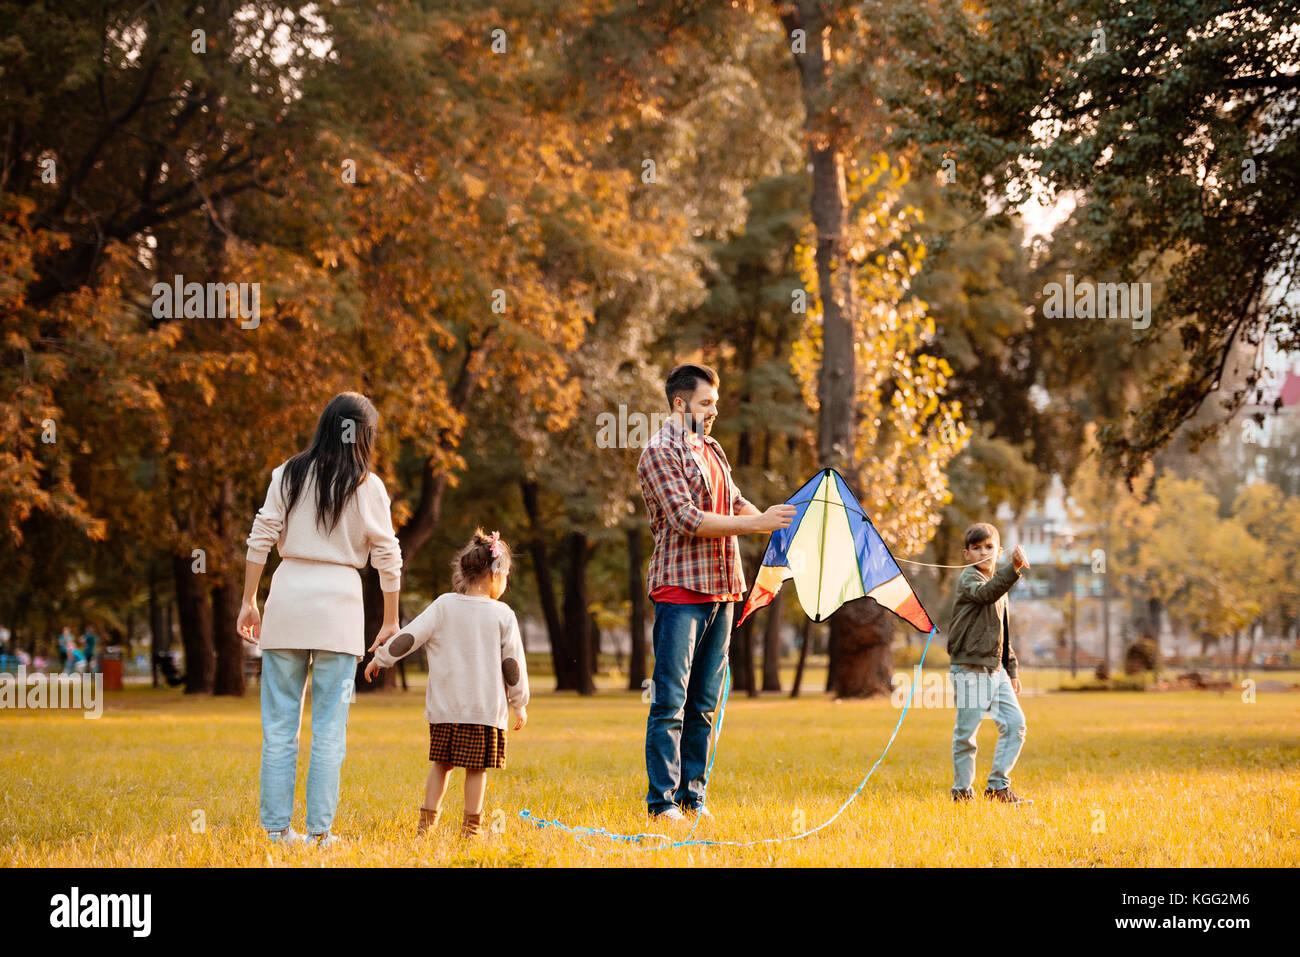 Family in park Photo Stock